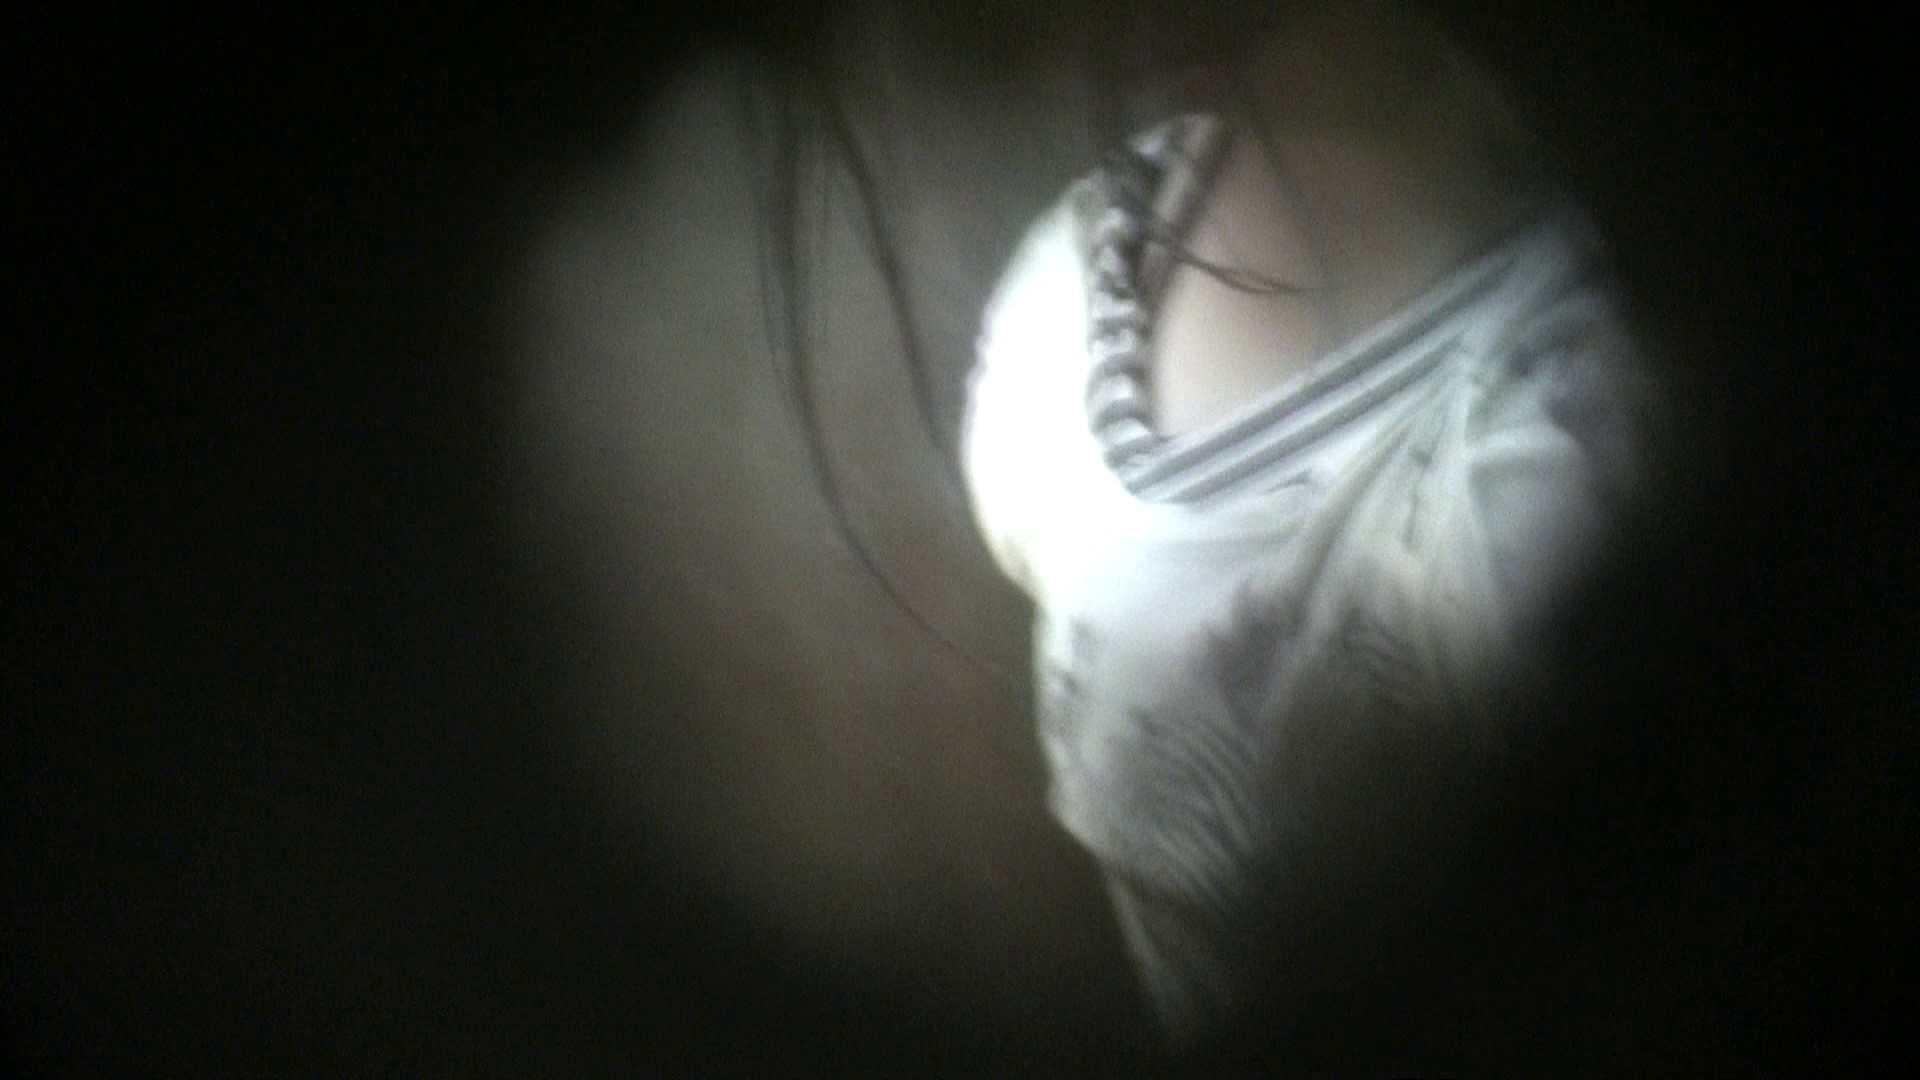 NO.07 短いのでサービス 臨場感をお楽しみください!! シャワー室 | 細身女性  78画像 26